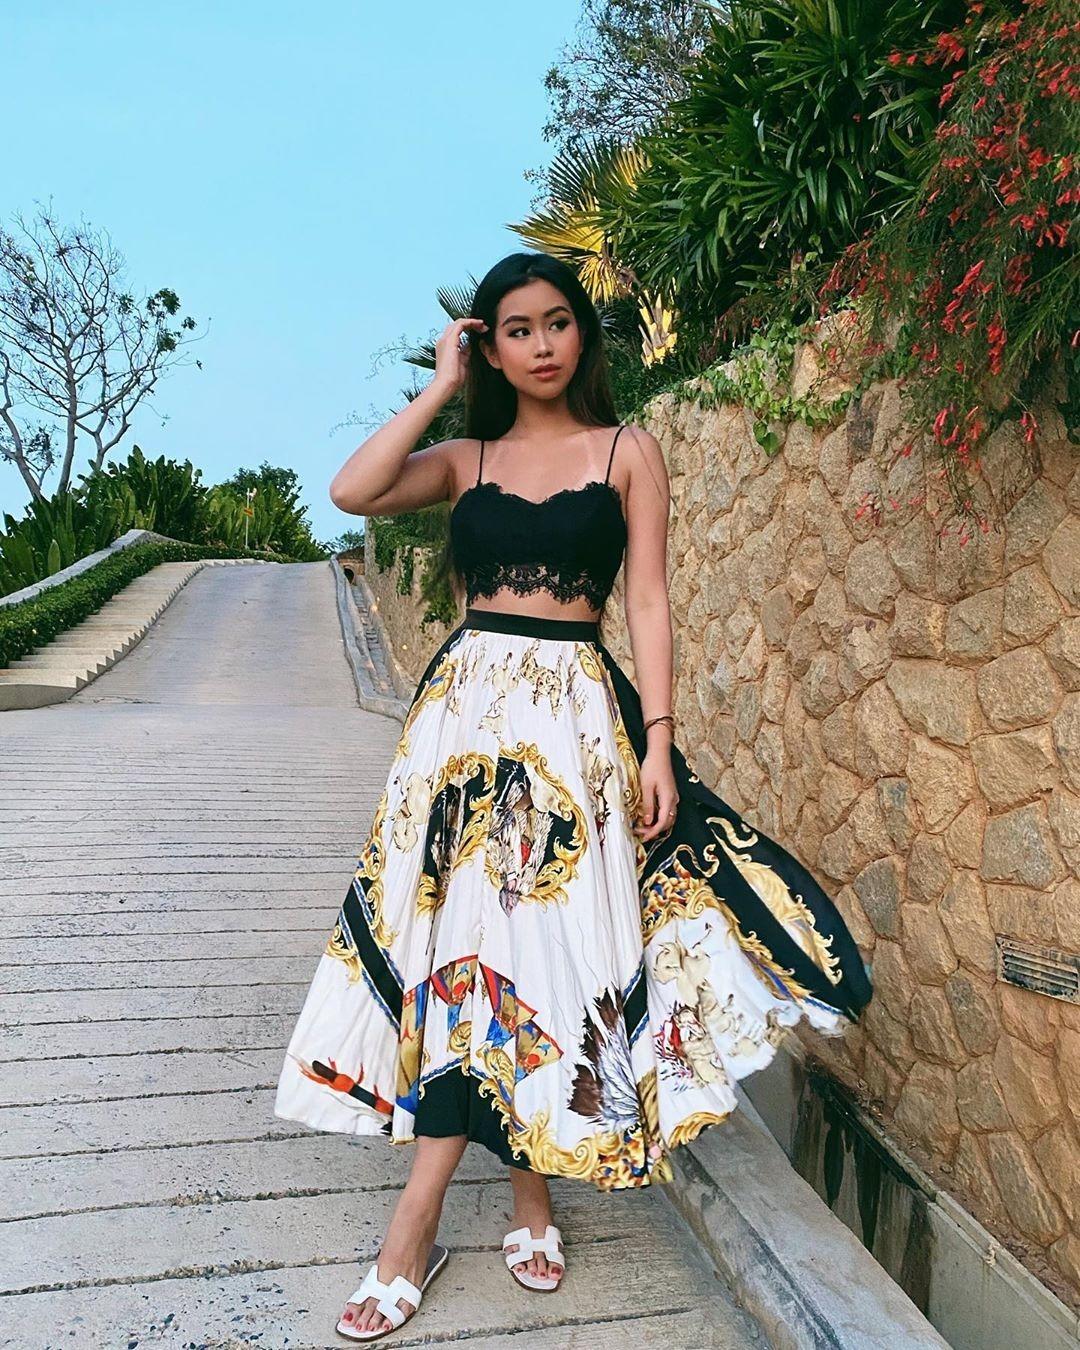 Đồ họa tiết là style yêu thích của Tiên Nguyễn để khoe phong cách sang chảnh chuẩn rich kid. Trong hình, cô nàng diện chiếc váy Versace đi kèm dép Hermes.